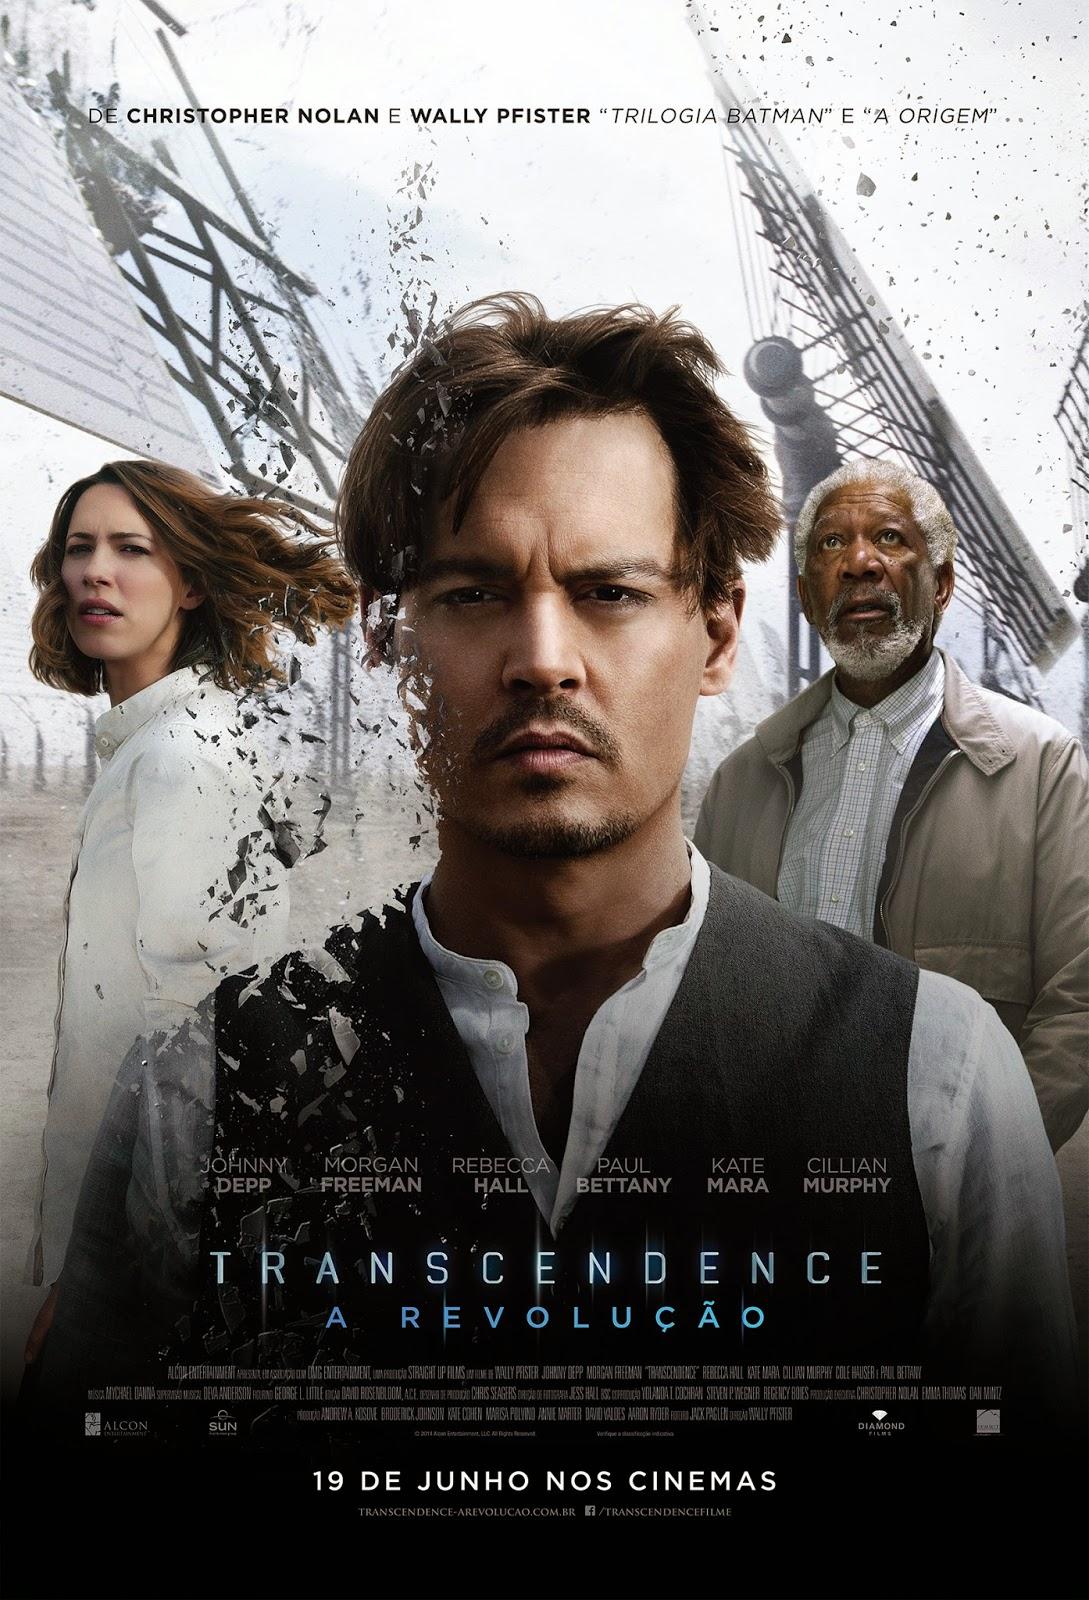 Pôster/capa/cartaz nacional de TRANSCENDENCE - A REVOLUÇÃO (Transcendence)